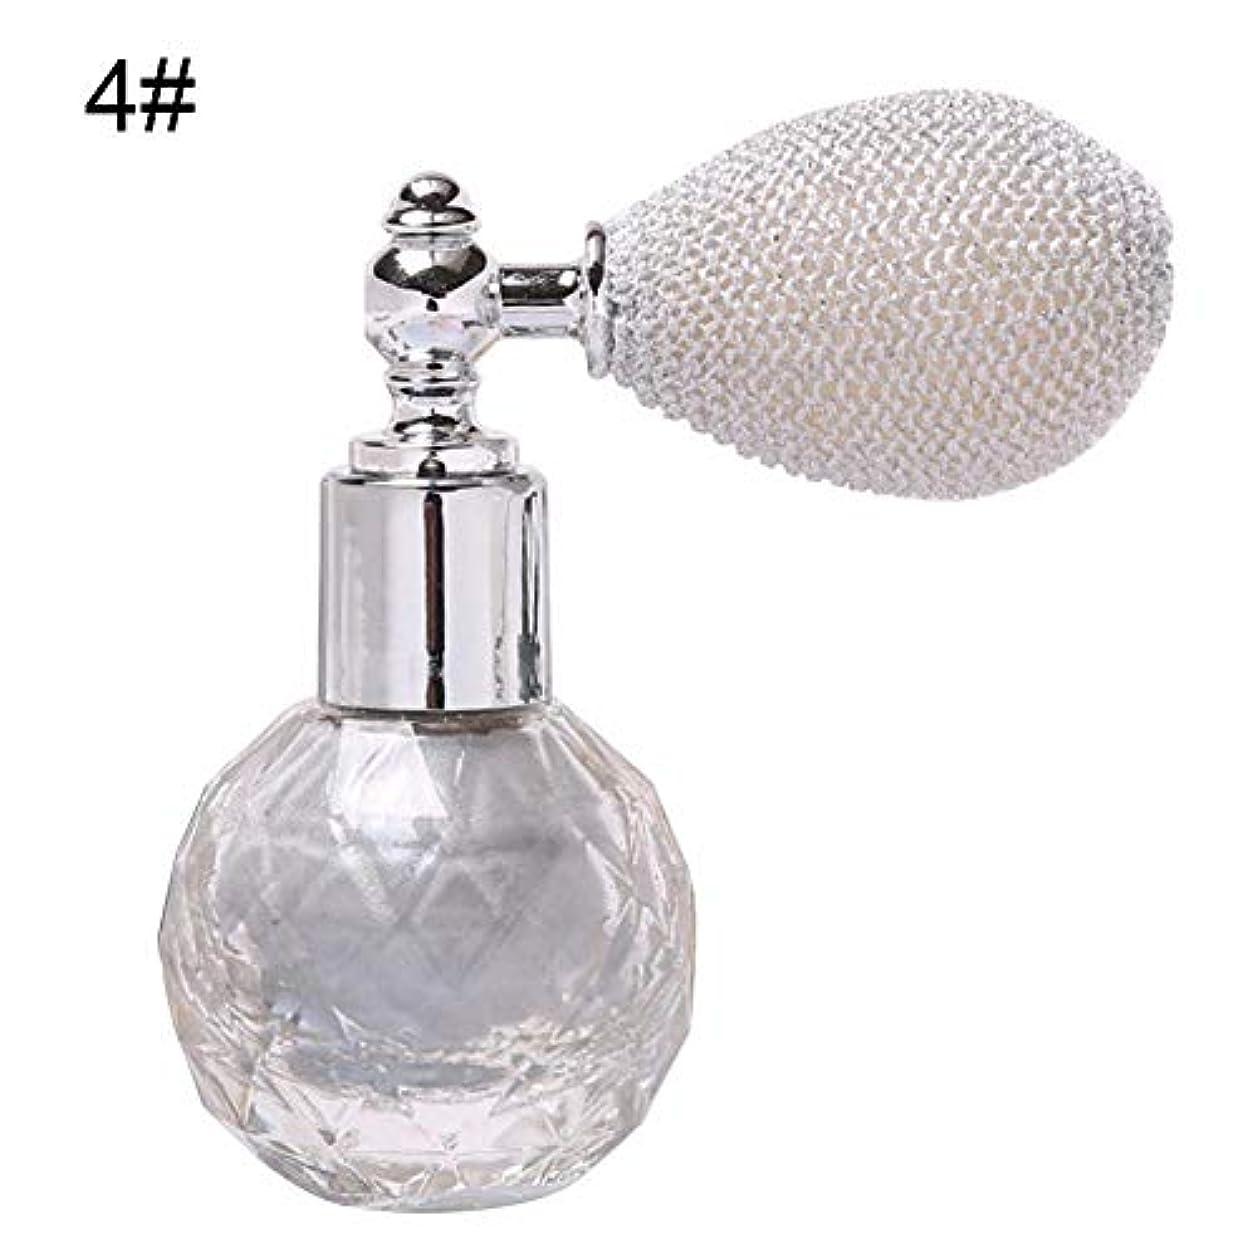 純粋に恨み上回るガラスボトル香水瓶 アトマイザー ポンプ式 香水瓶 クリア星柄ストリームラインデザイン シルバーワインスプレー 100ML ホーム飾り 装飾雑貨